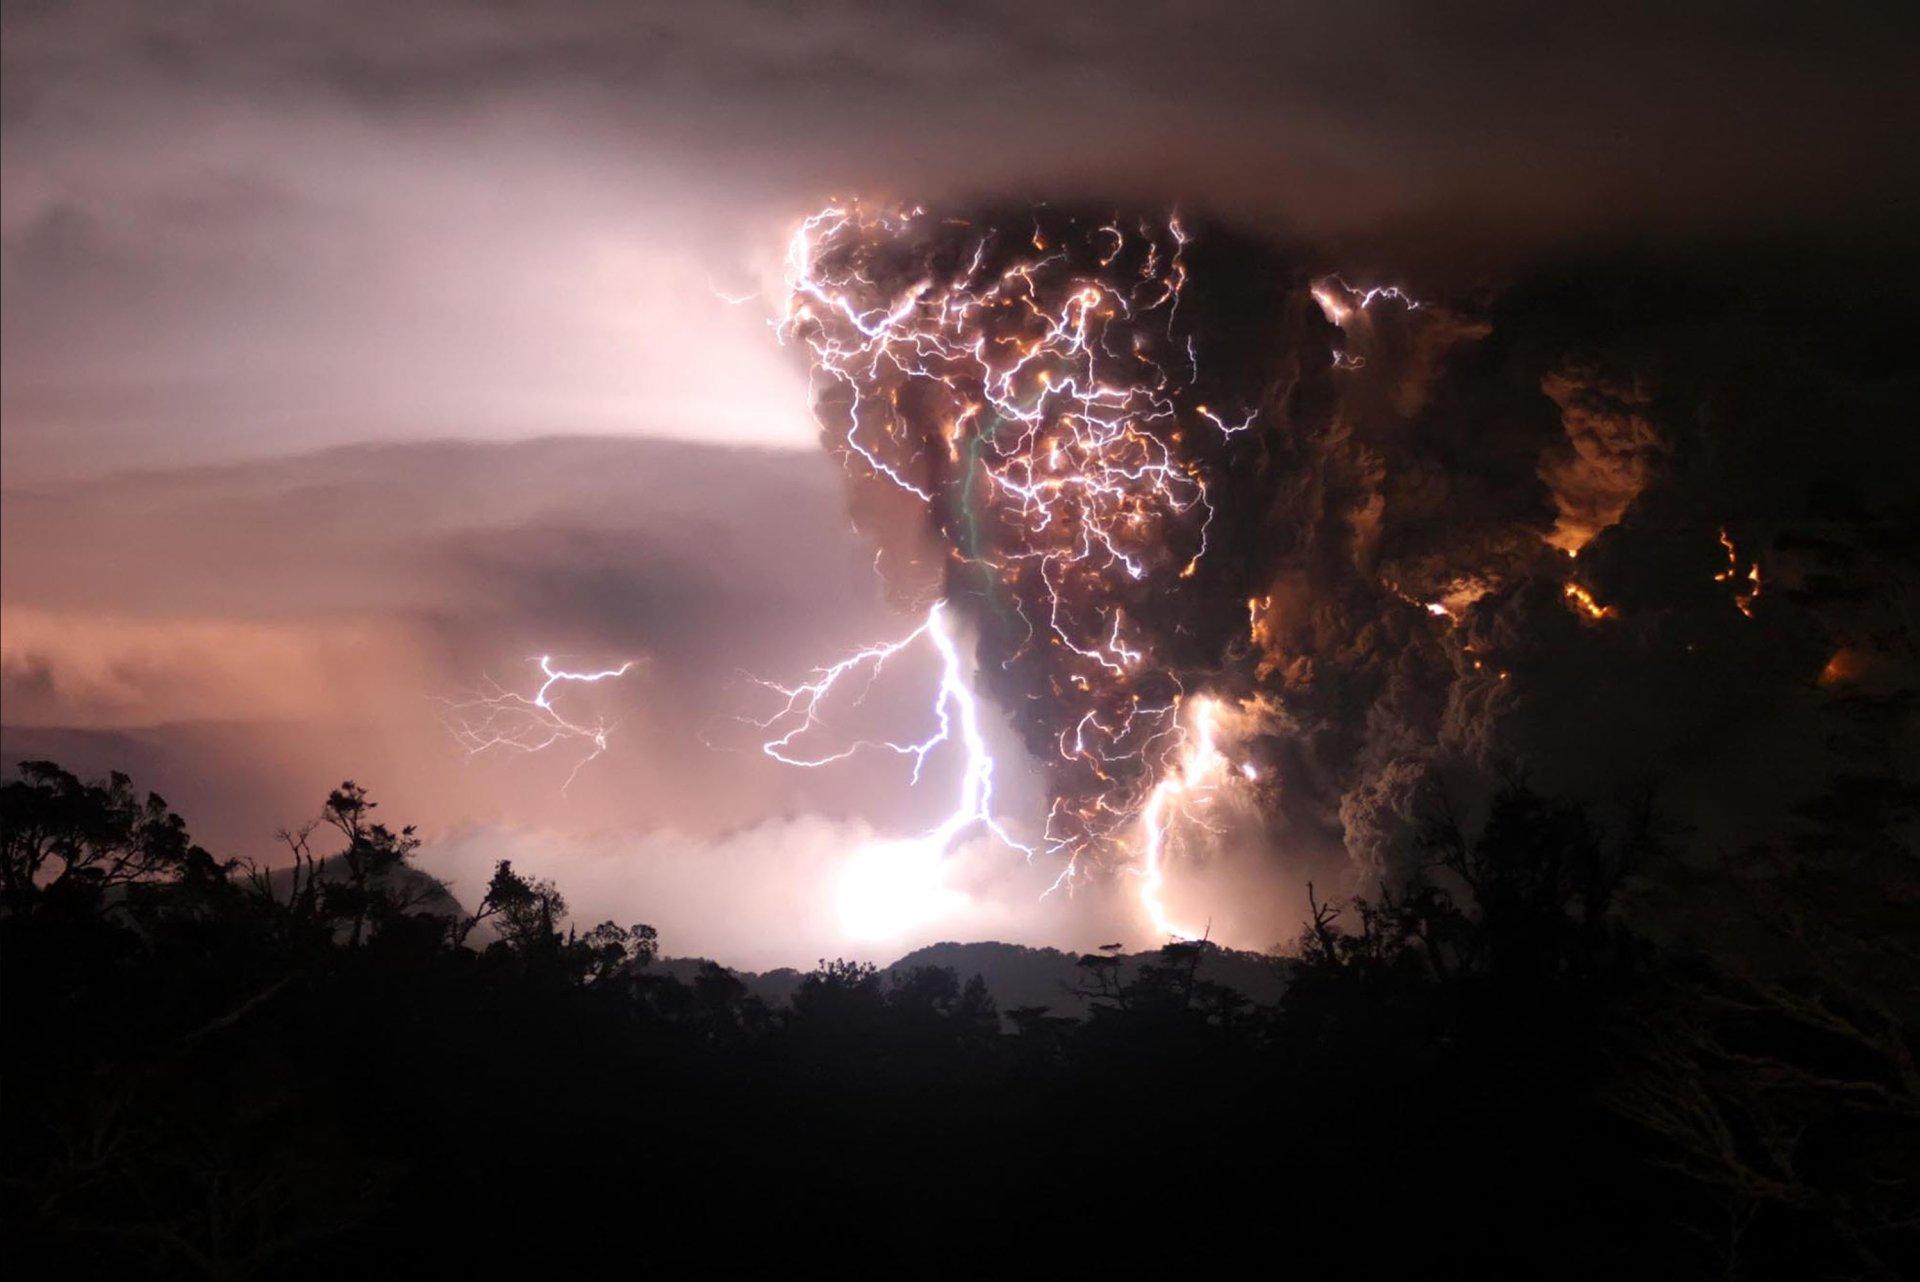 Fotografie - Bliksem  Vulkaan Eruption Wallpaper